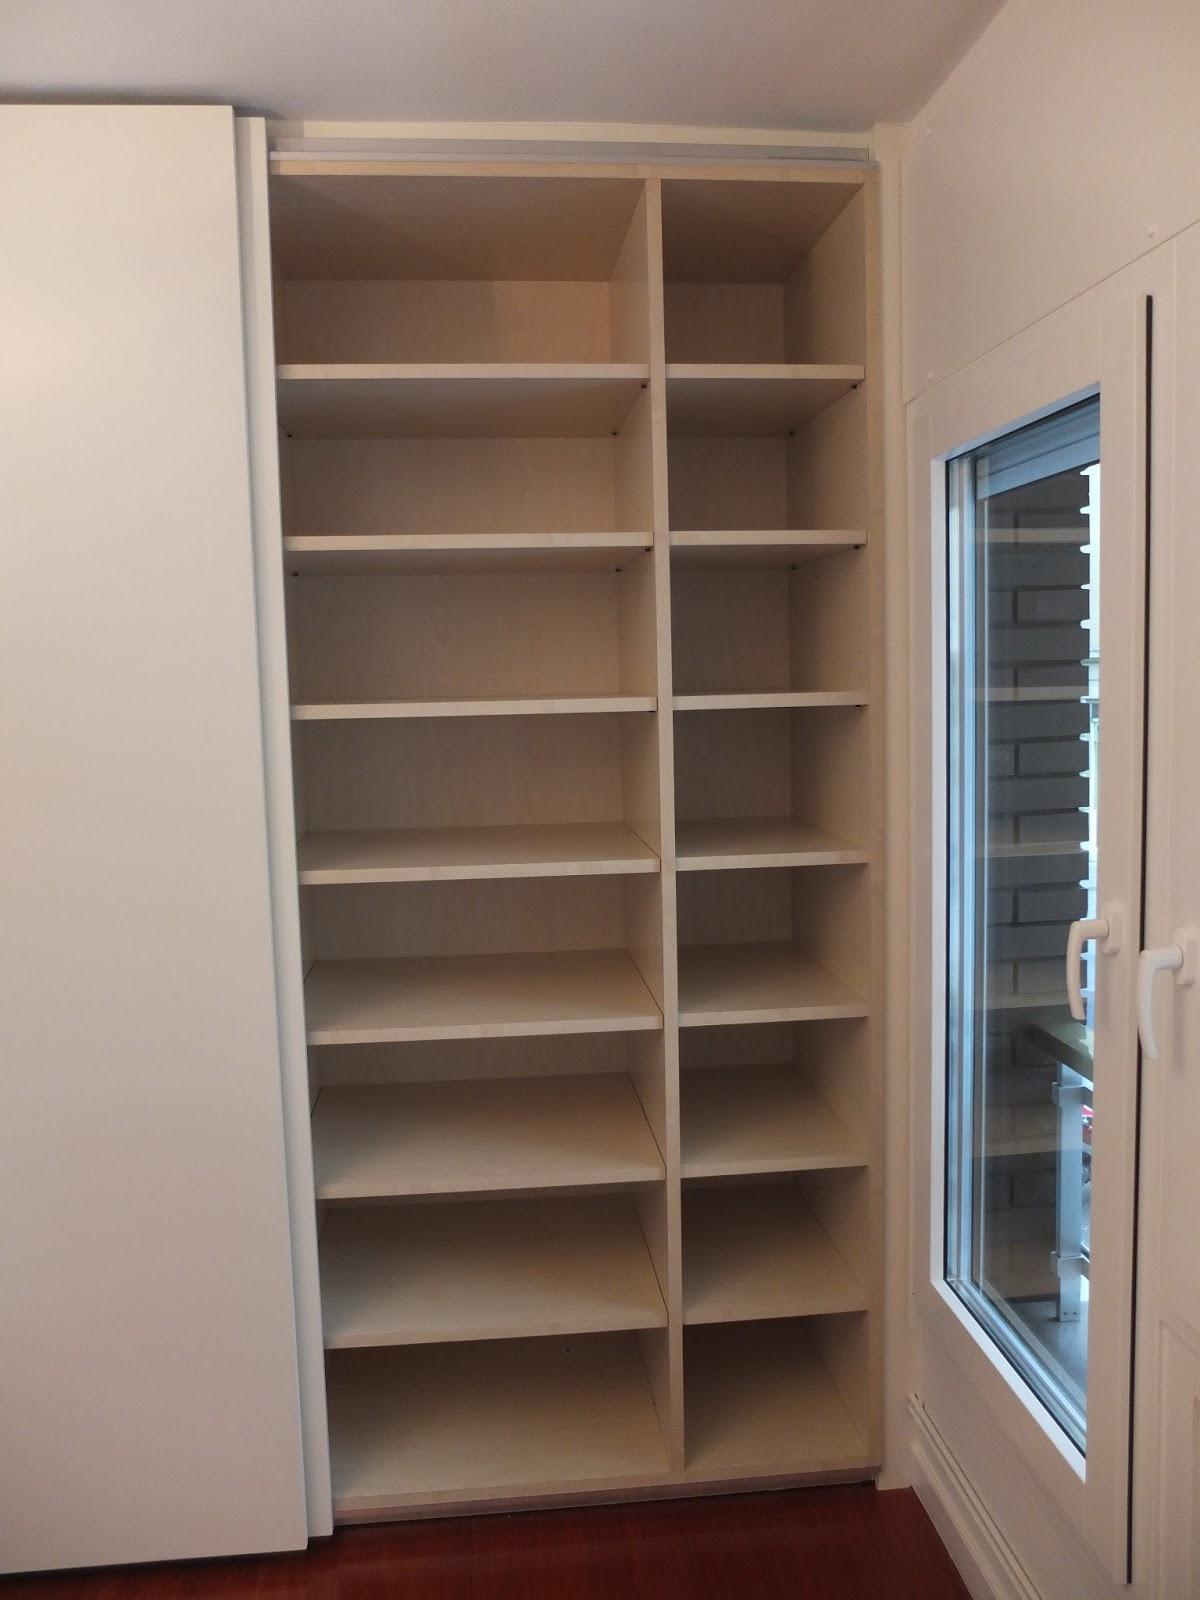 Opemho sl armario empotrado de puertas correderas - Puertas correderas armario empotrado ...